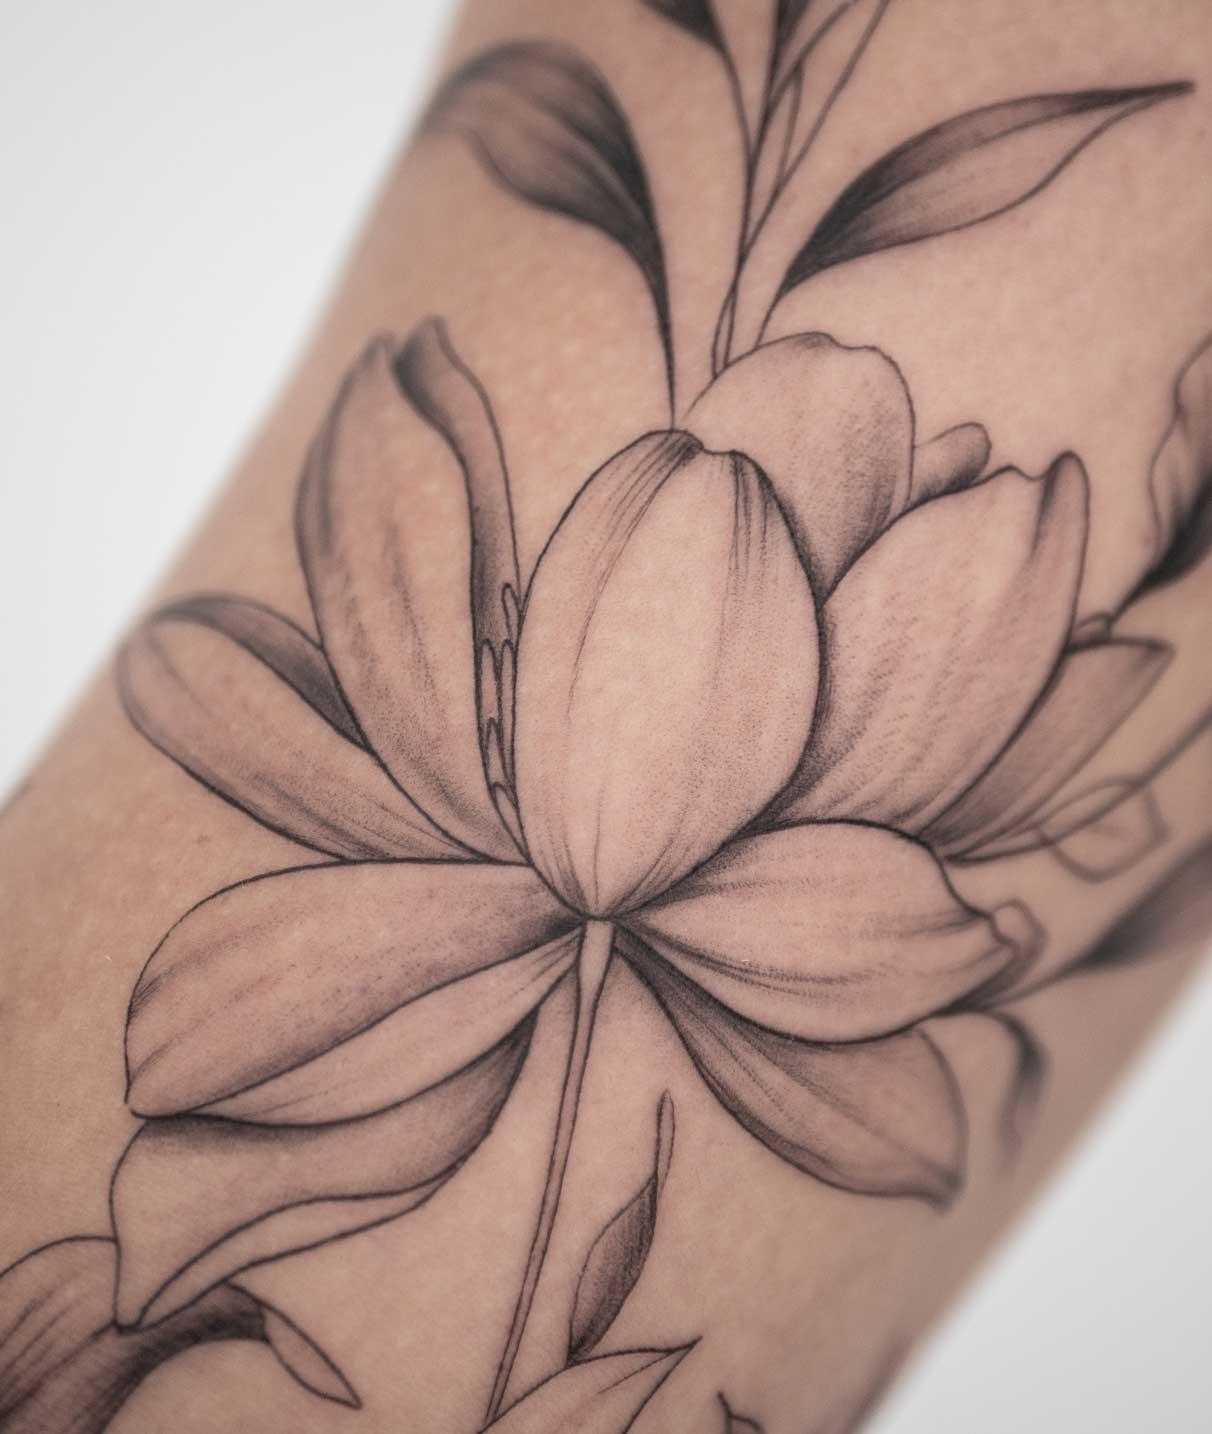 tatouage-de-fleur-france